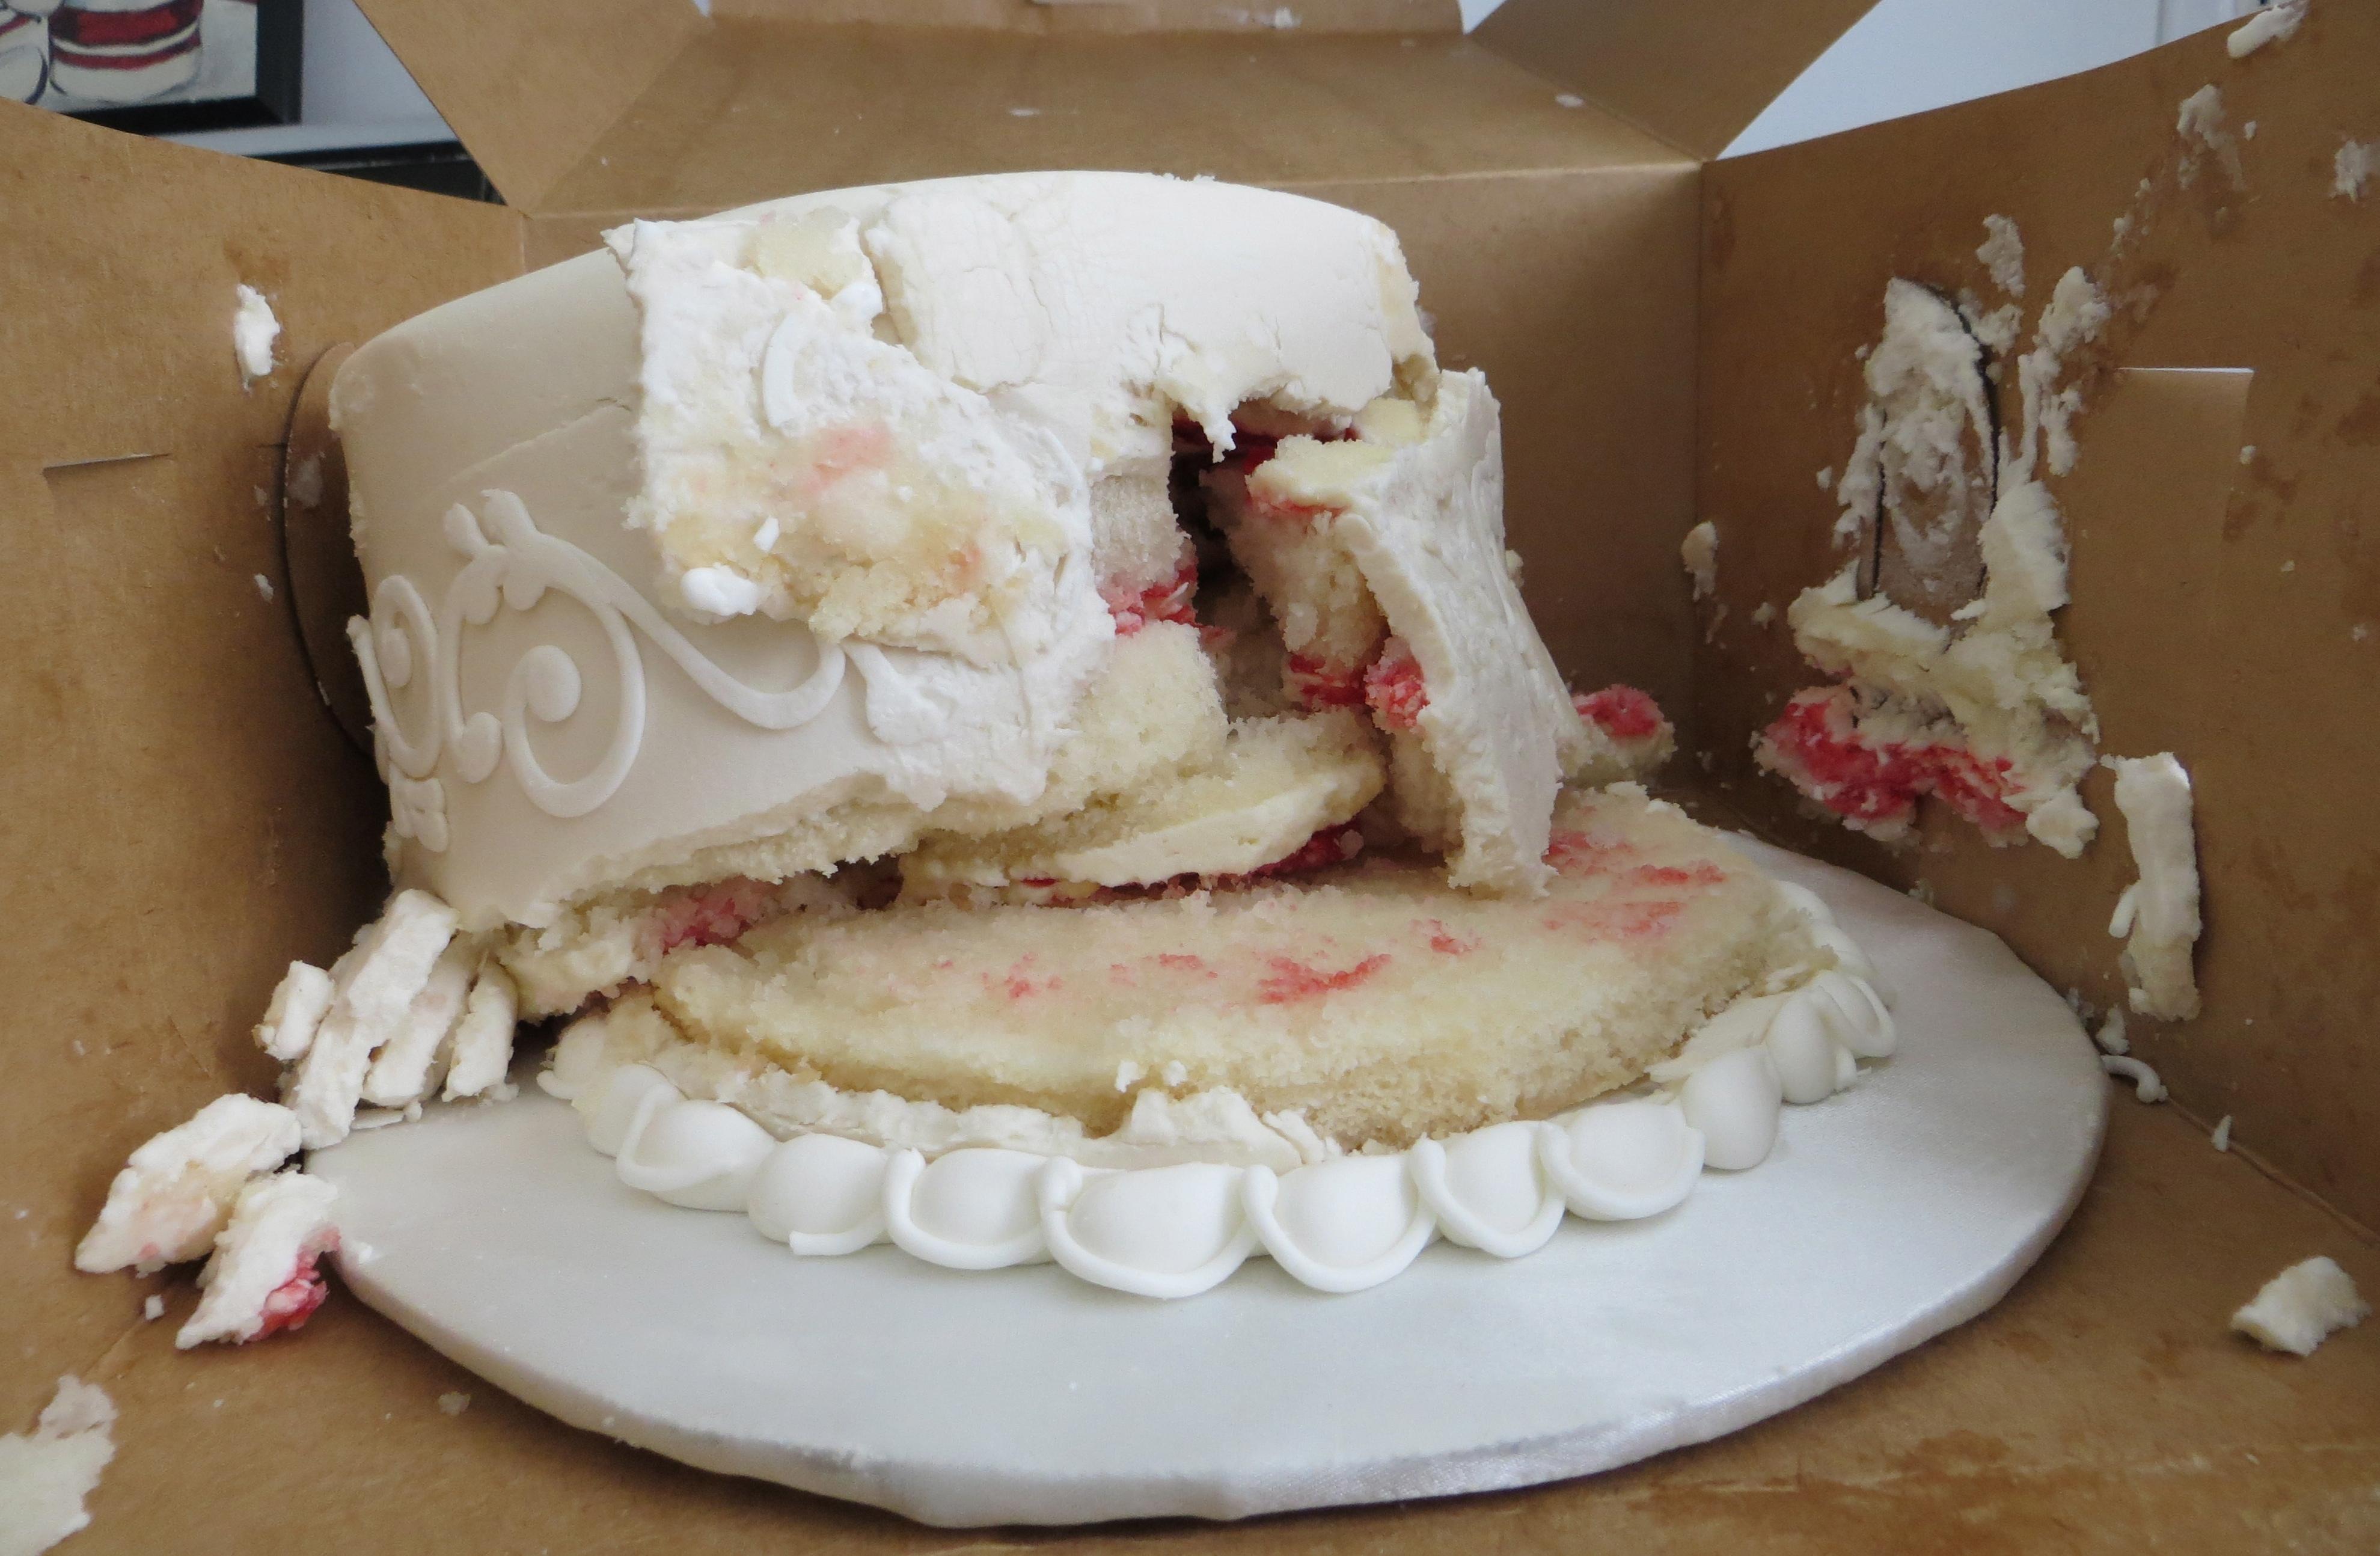 ruined cake